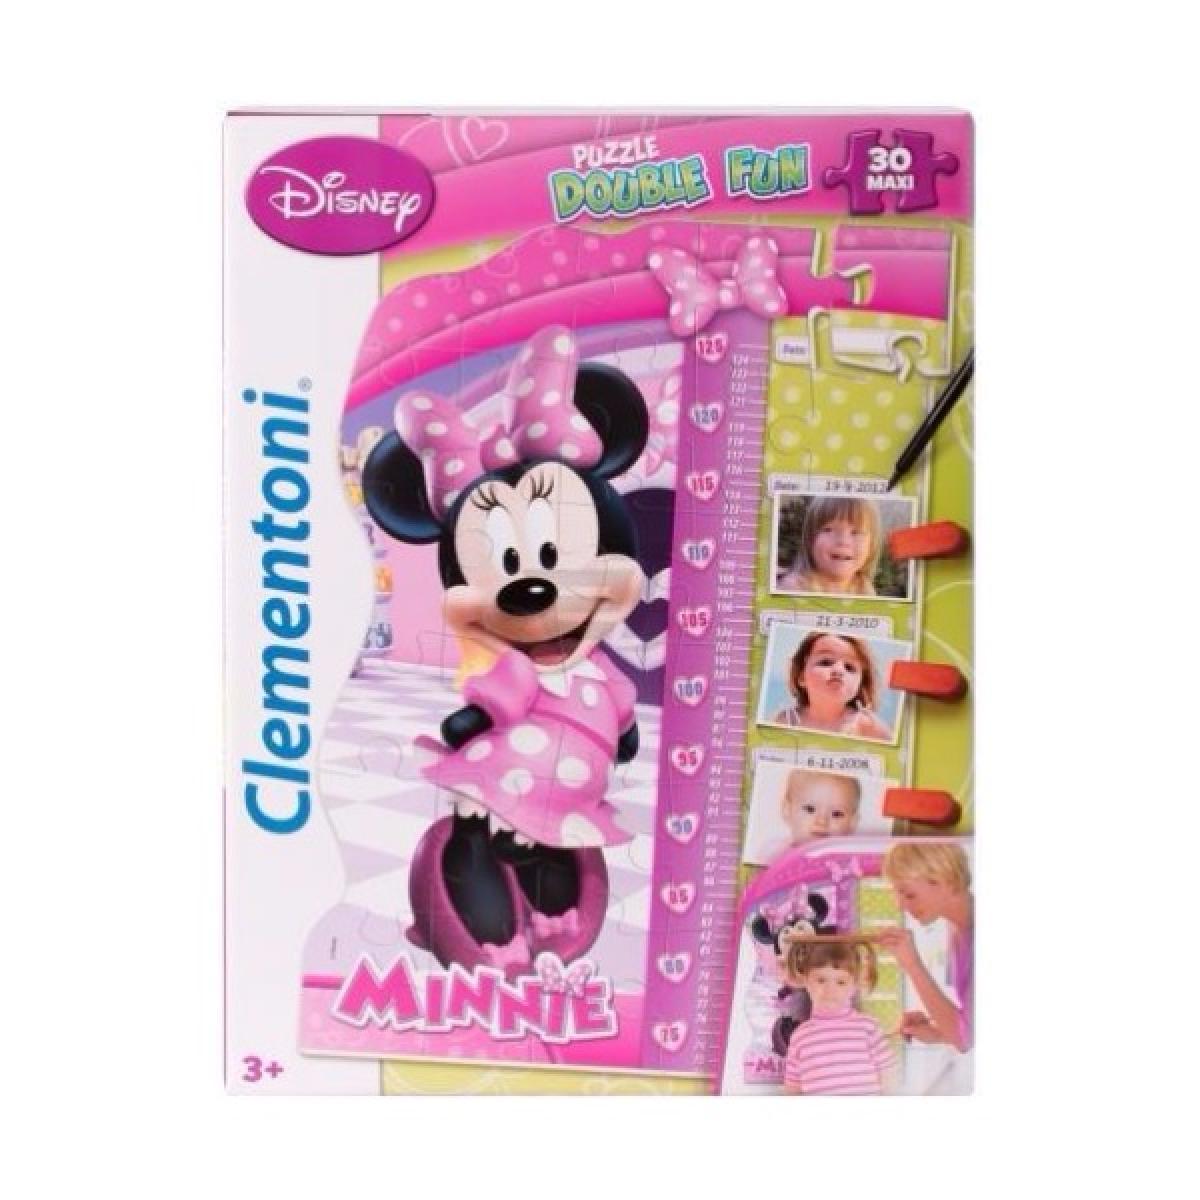 Как выбрать подарок на 8 марта ребенку?, фото №3 - интернет магазин Платошка